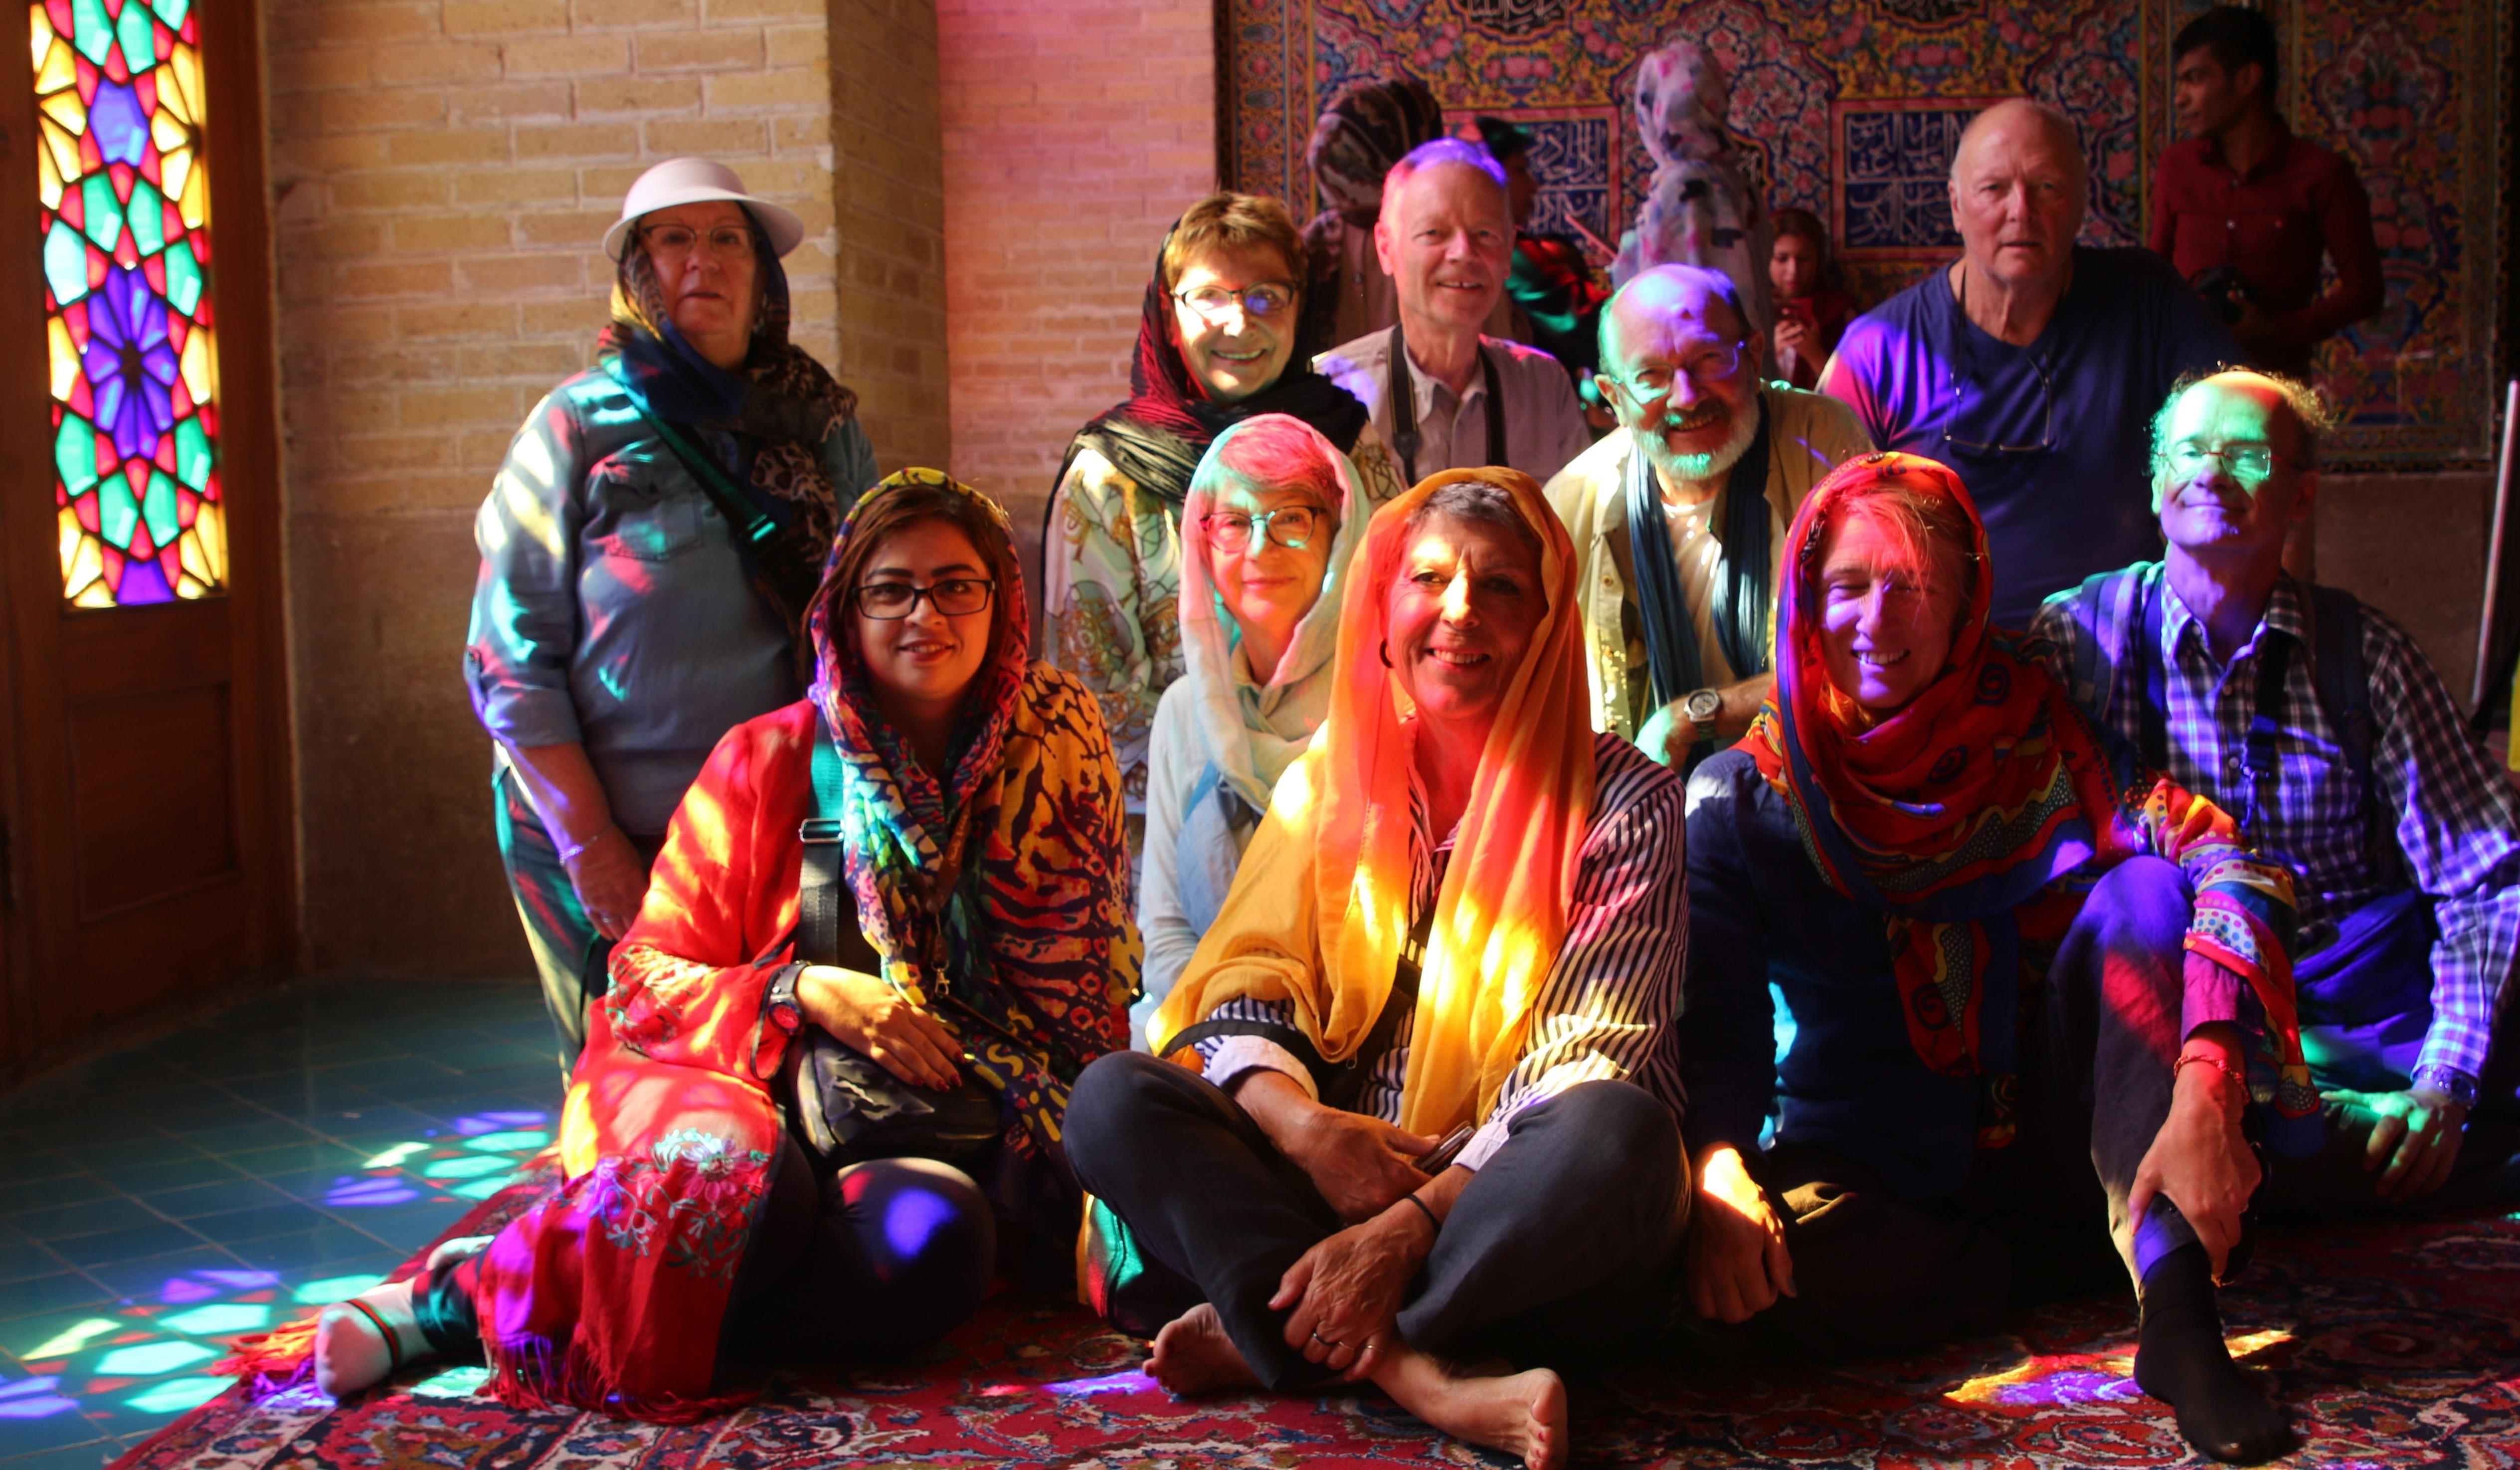 Reisegruppe in der Moschee